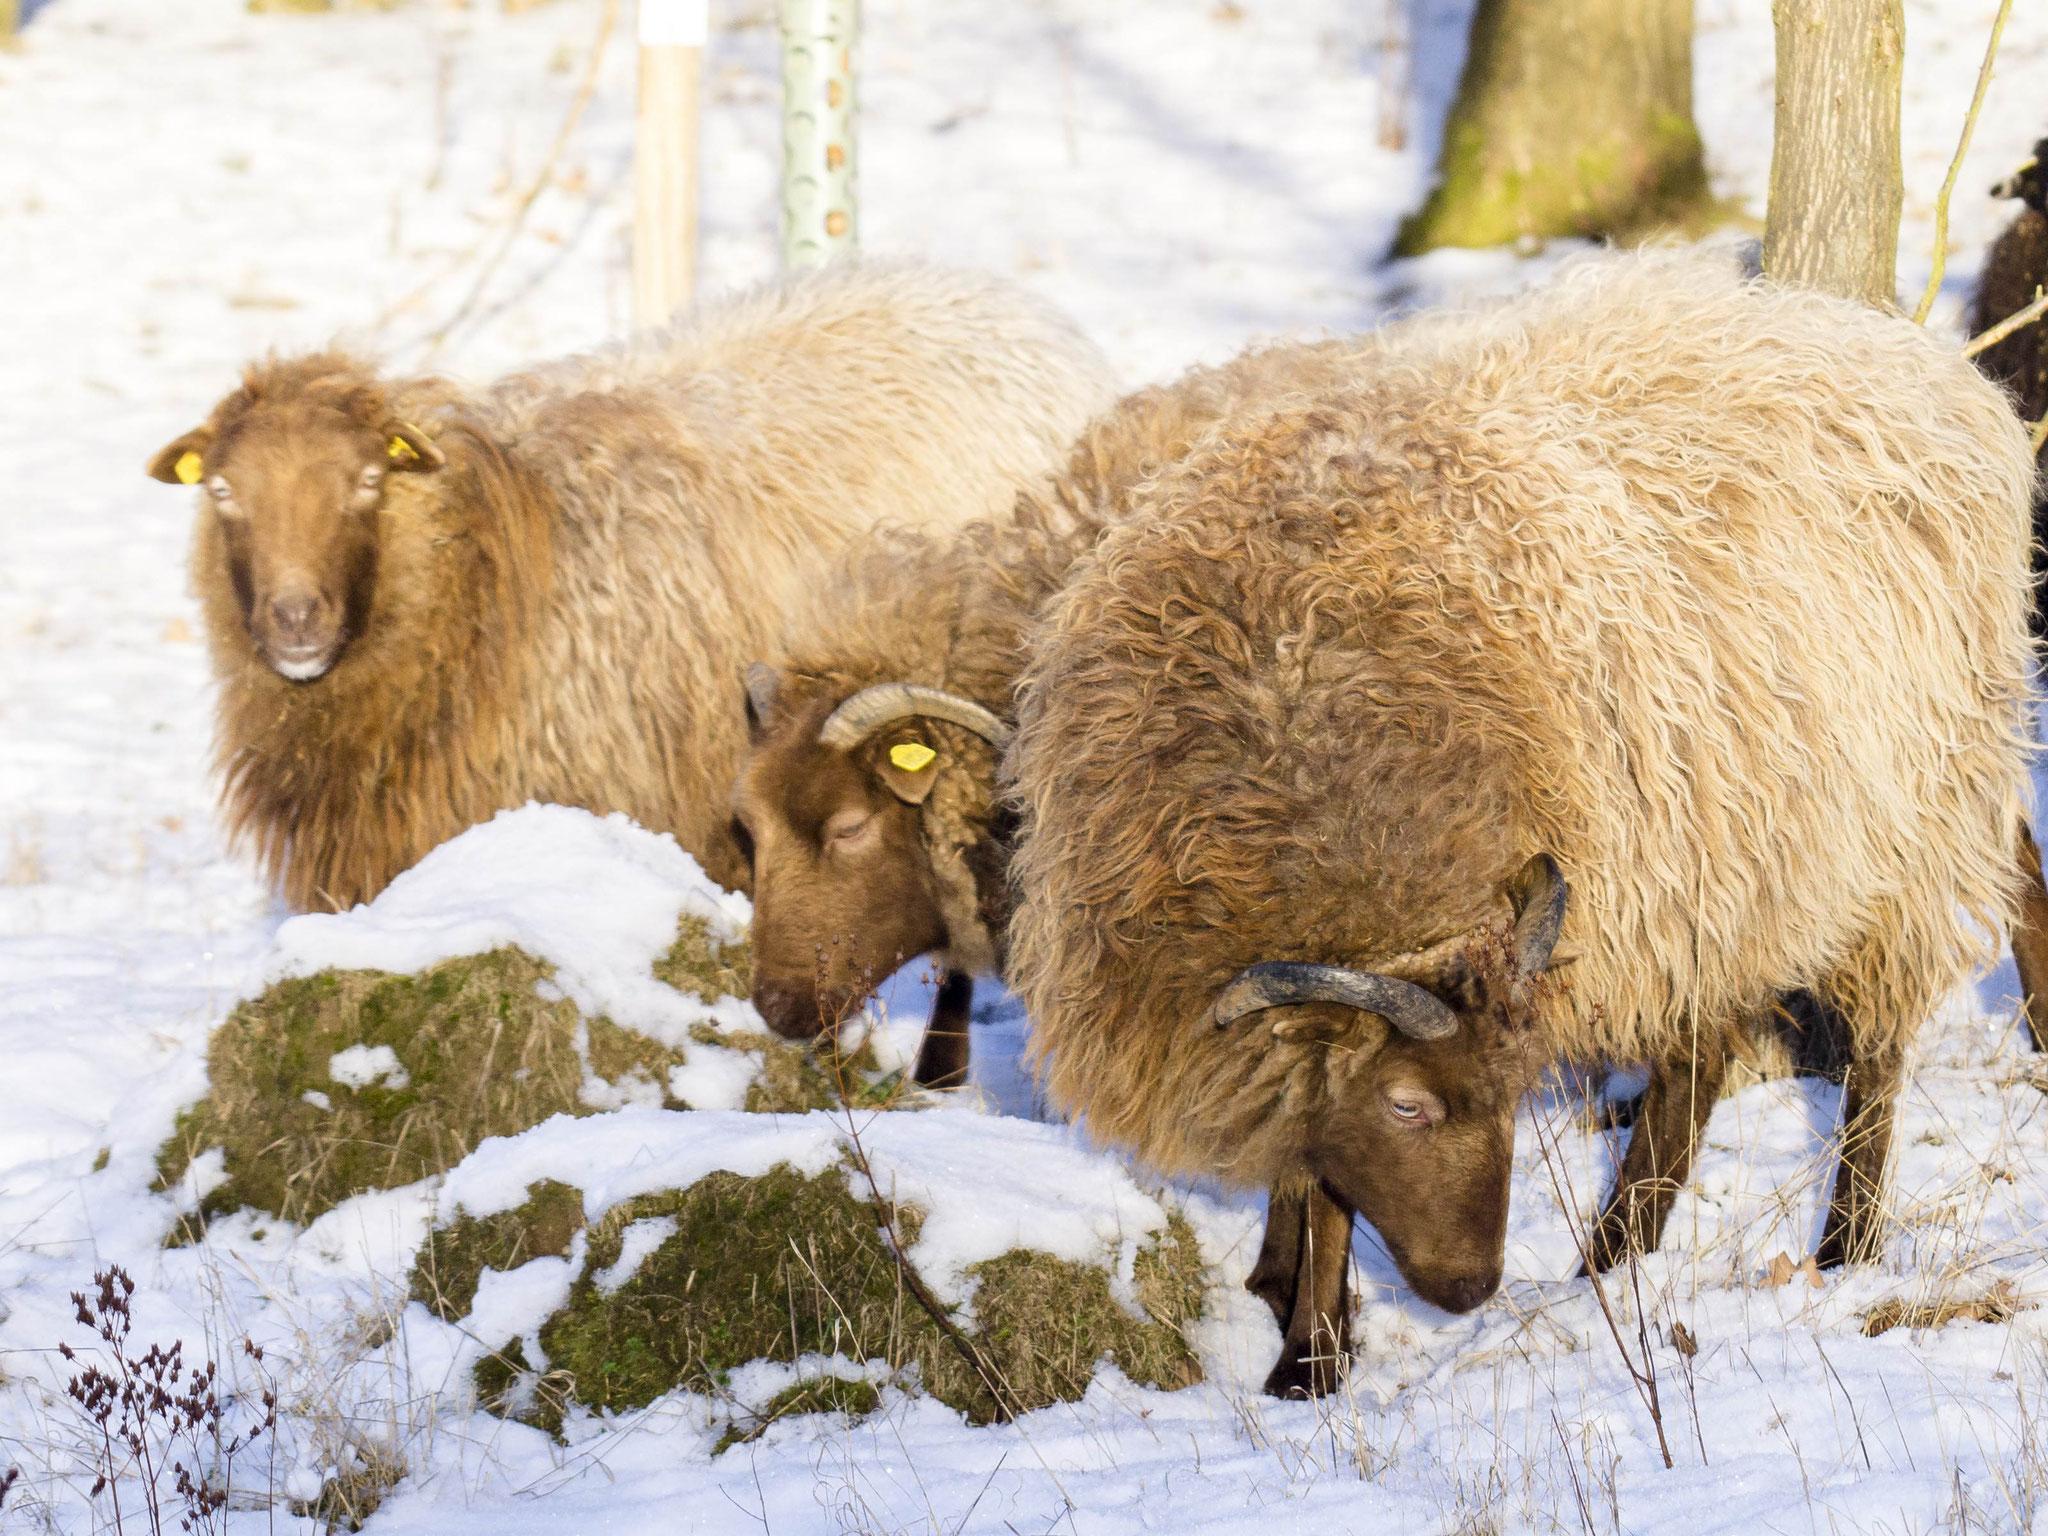 Auch unter der Schneedecke finden sie etwas zu knabbern.